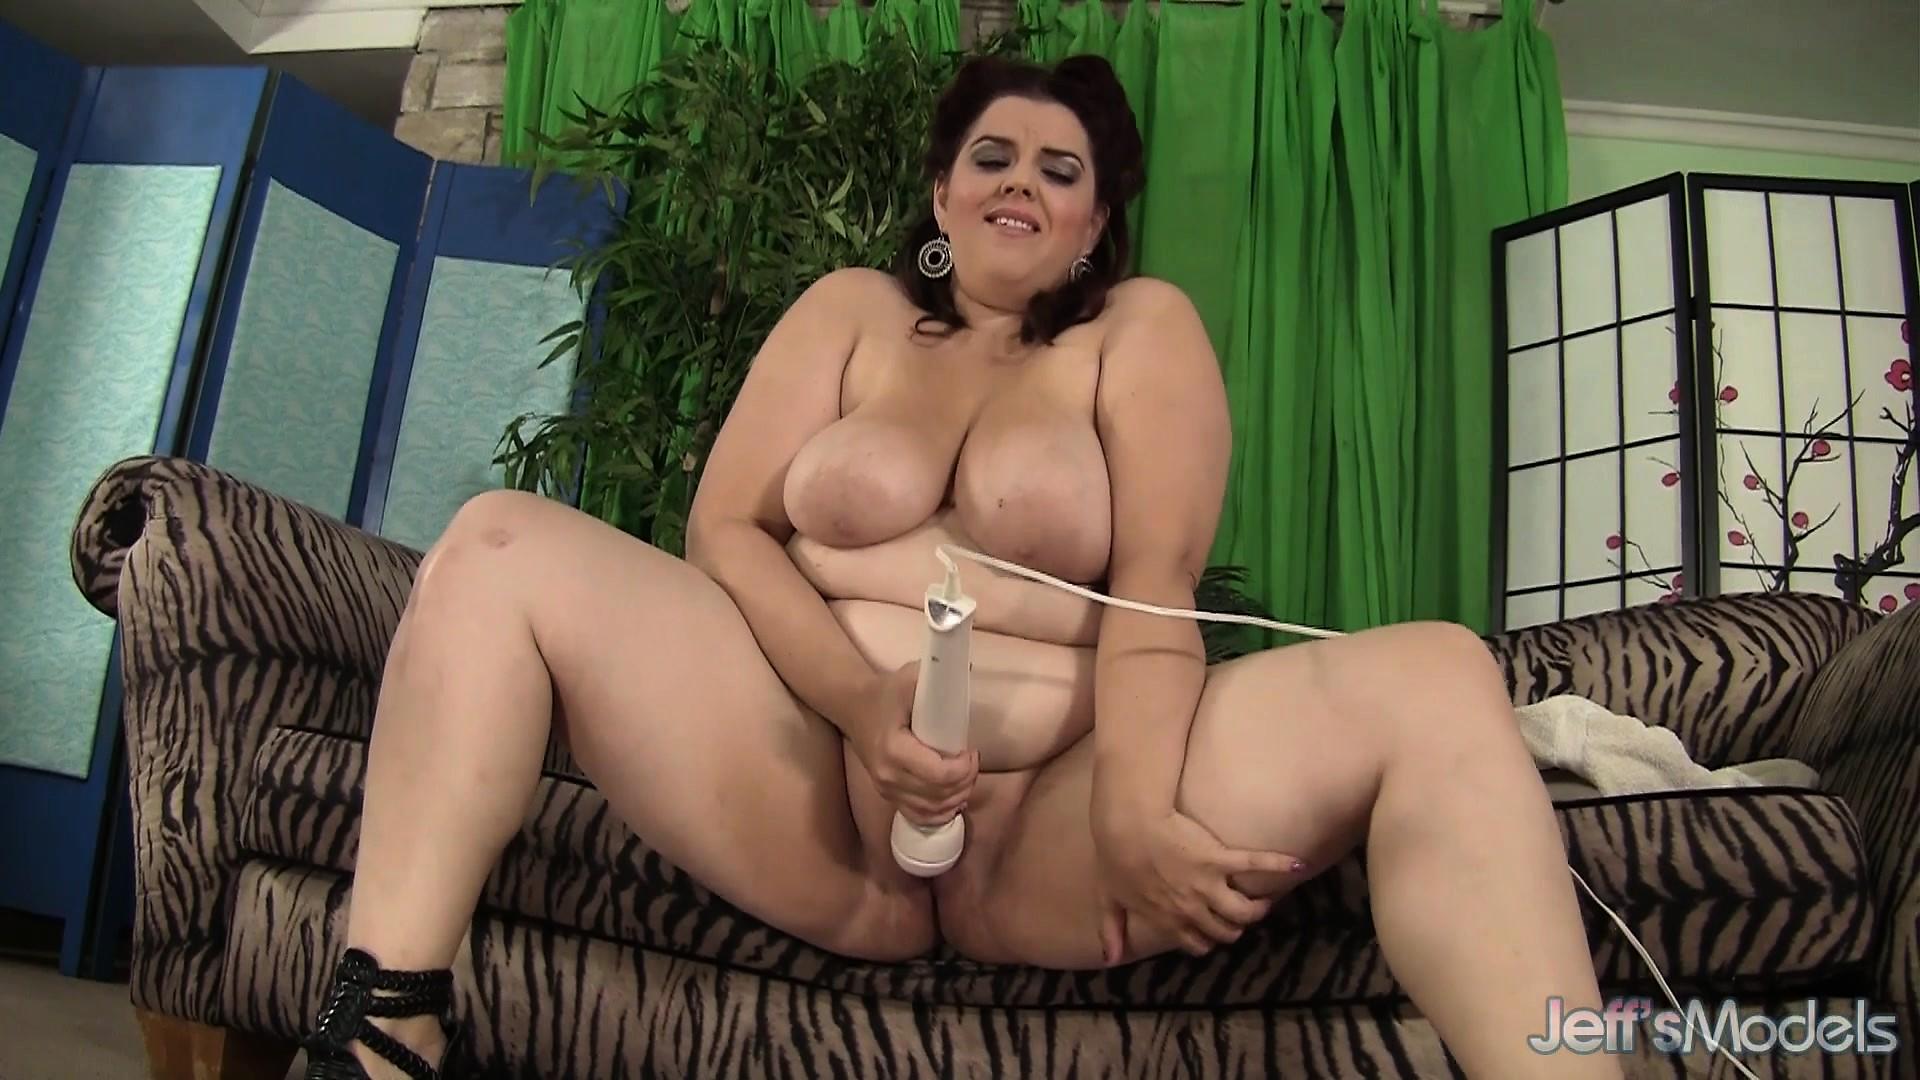 Толстушки в оргазме, Порно коллекция # Оргазмы толстушек # Популярные 7 фотография